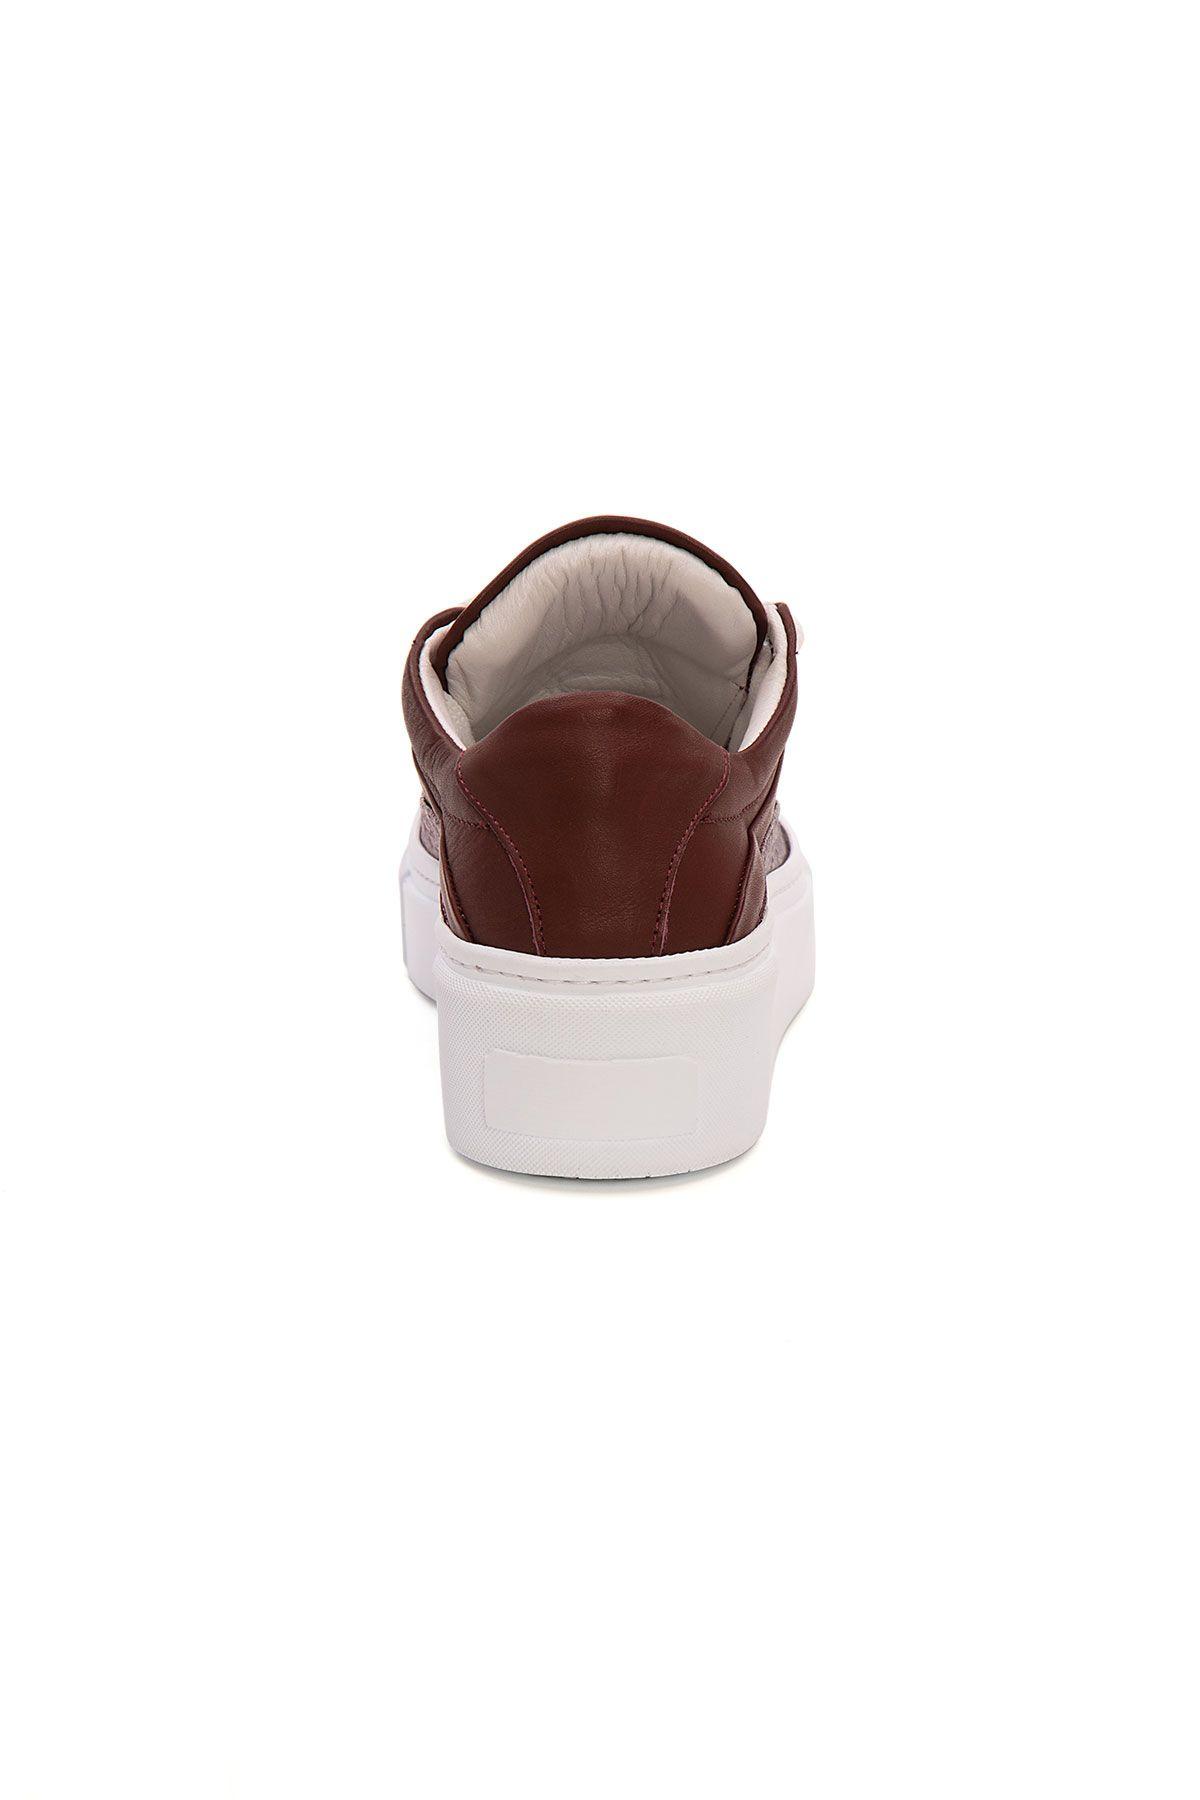 Pegia Genuine Leather Women's Sneaker LA1619 Claret red